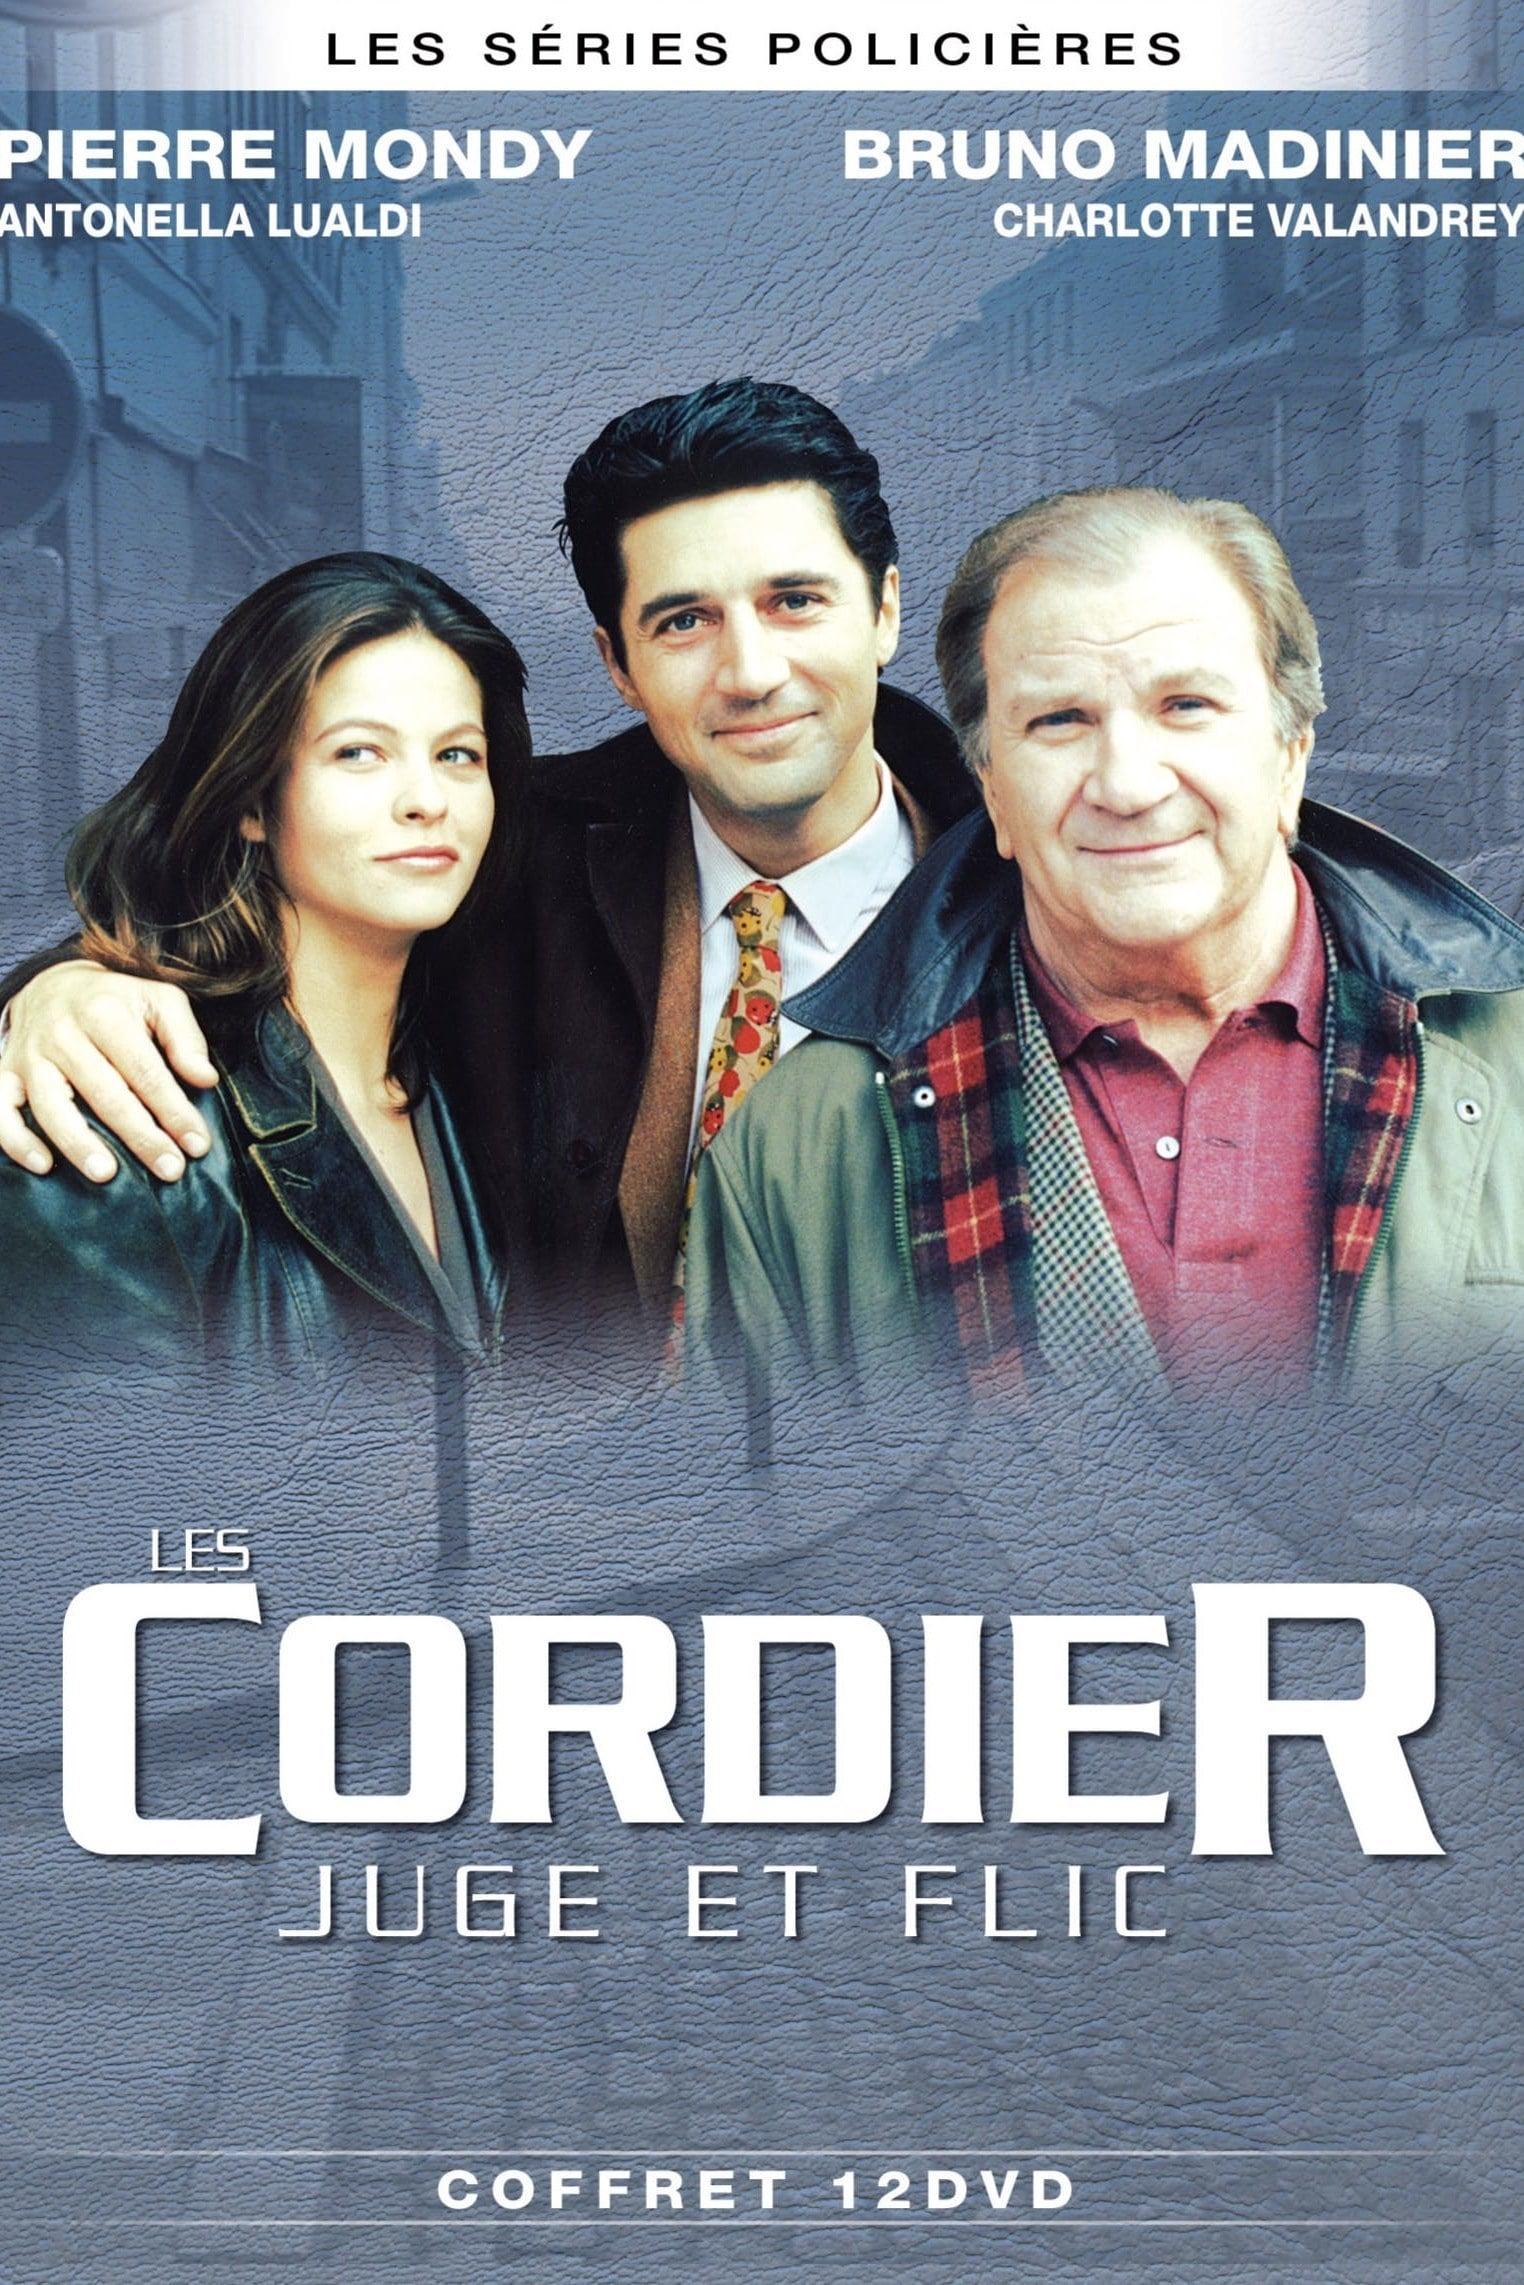 Les Cordier, juge et flic (1994)